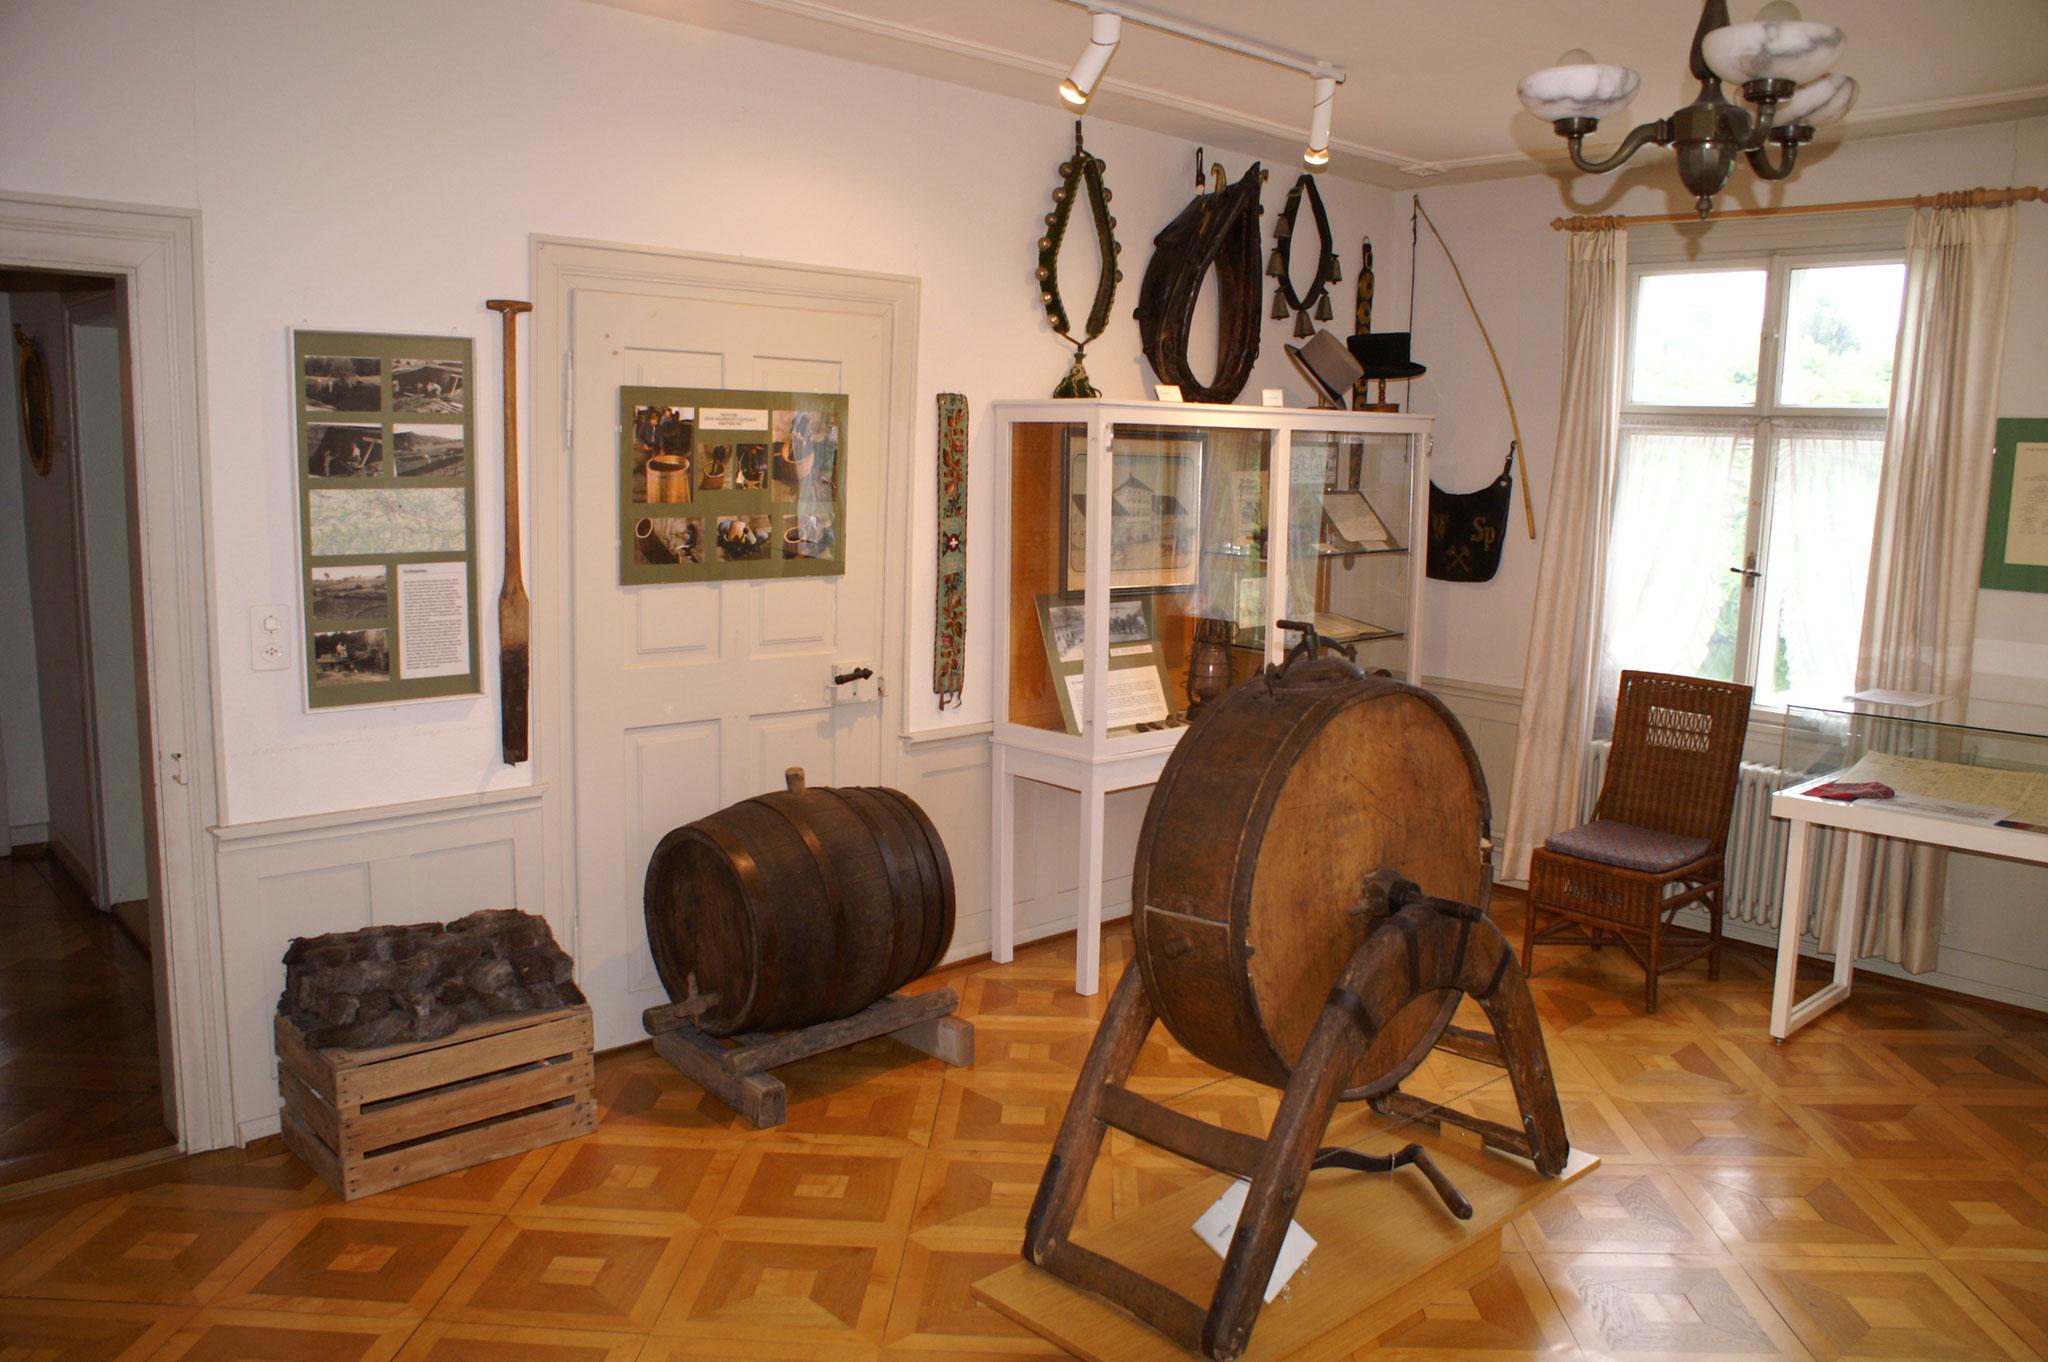 Handwerkszimmer mit Geschichte der Flawiler Fuhrleute, Bilder vom Torfstechen während des 2. Weltkrieges im Botsberger Riet und Handwerk